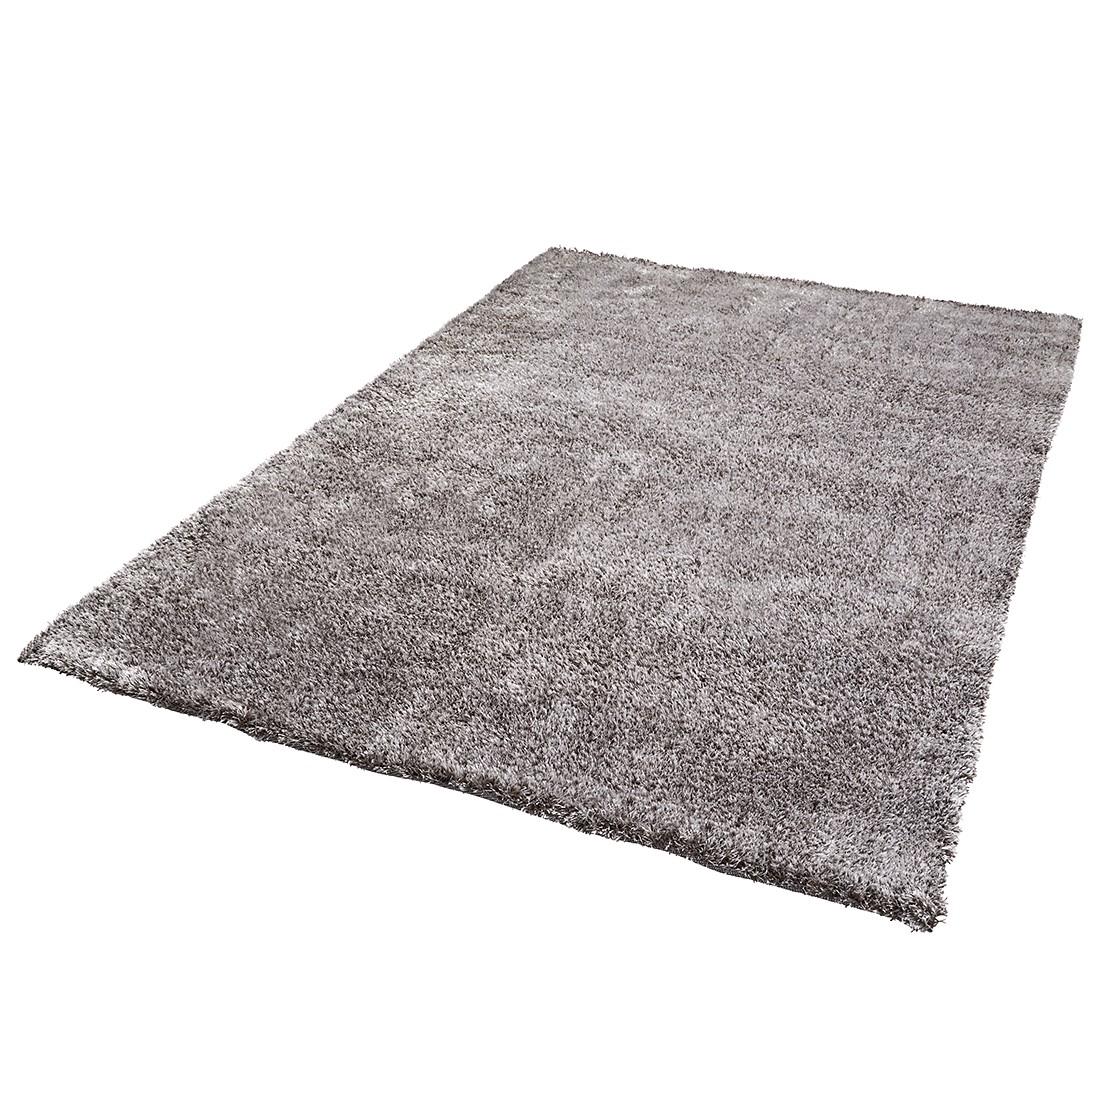 Teppich Heaven – Sand – 60 x 130 cm, DEKOWE online kaufen